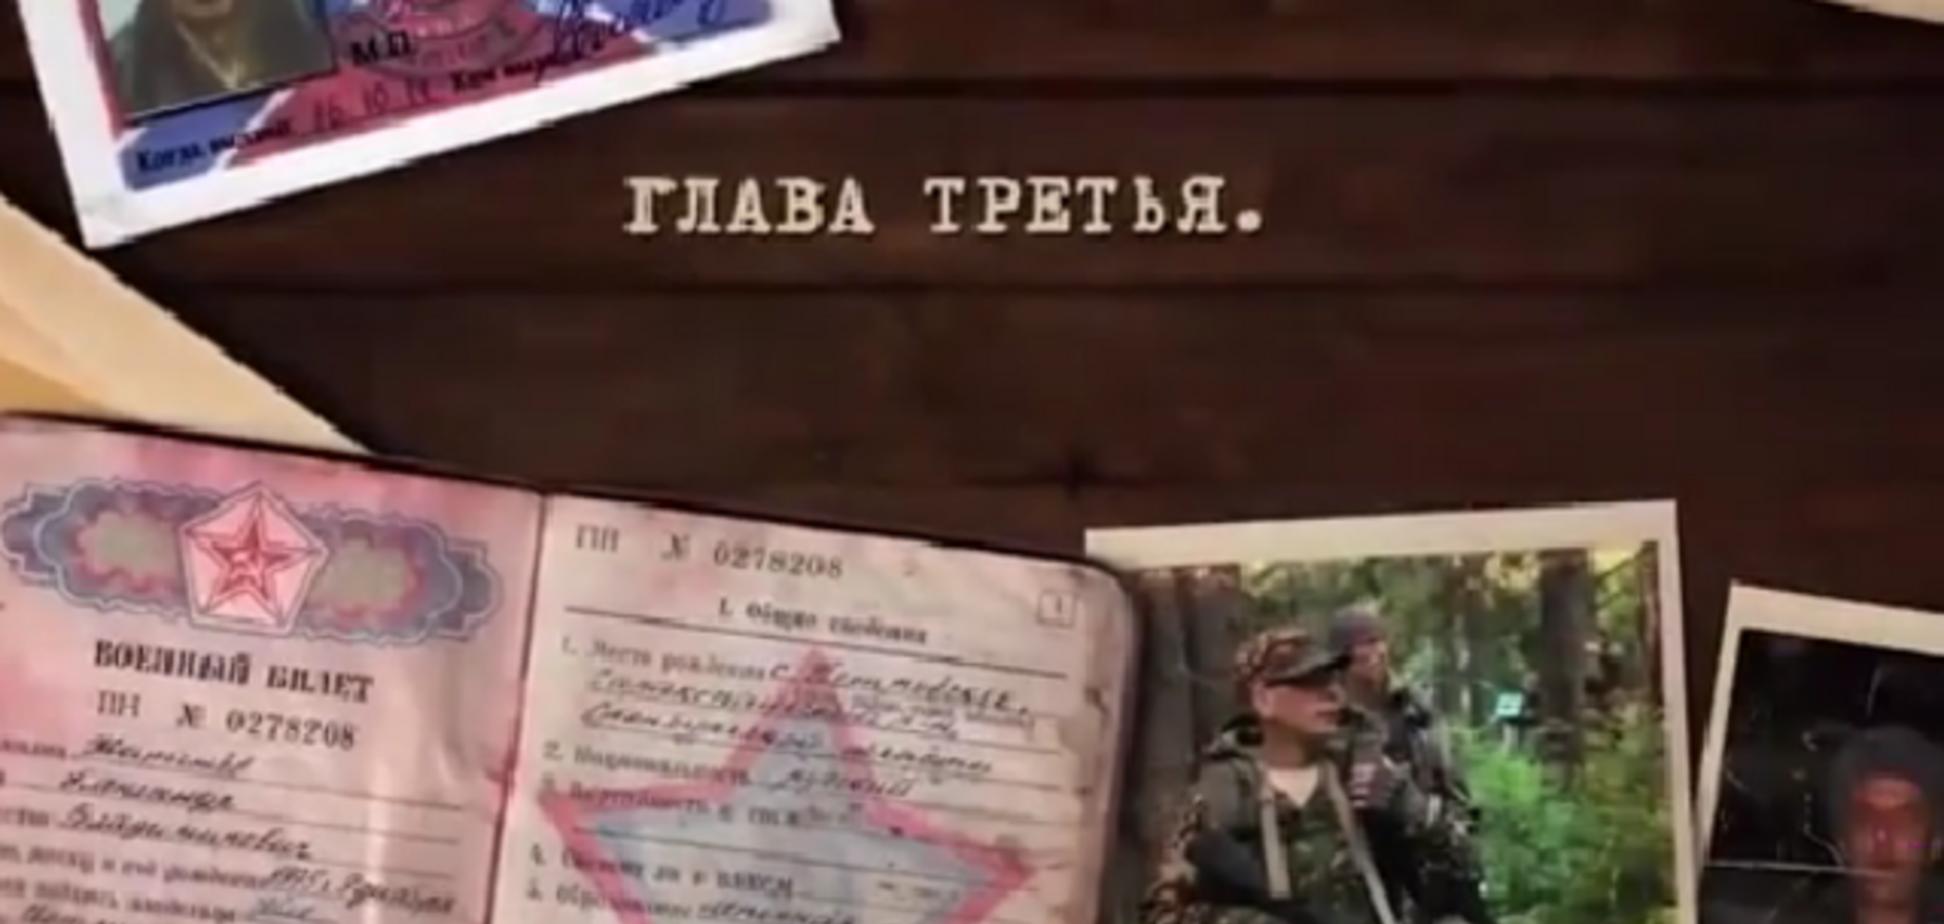 Нищие россияне едут убивать украинцев на Донбасс, чтобы погасить кредиты – репортаж 'Дождя'